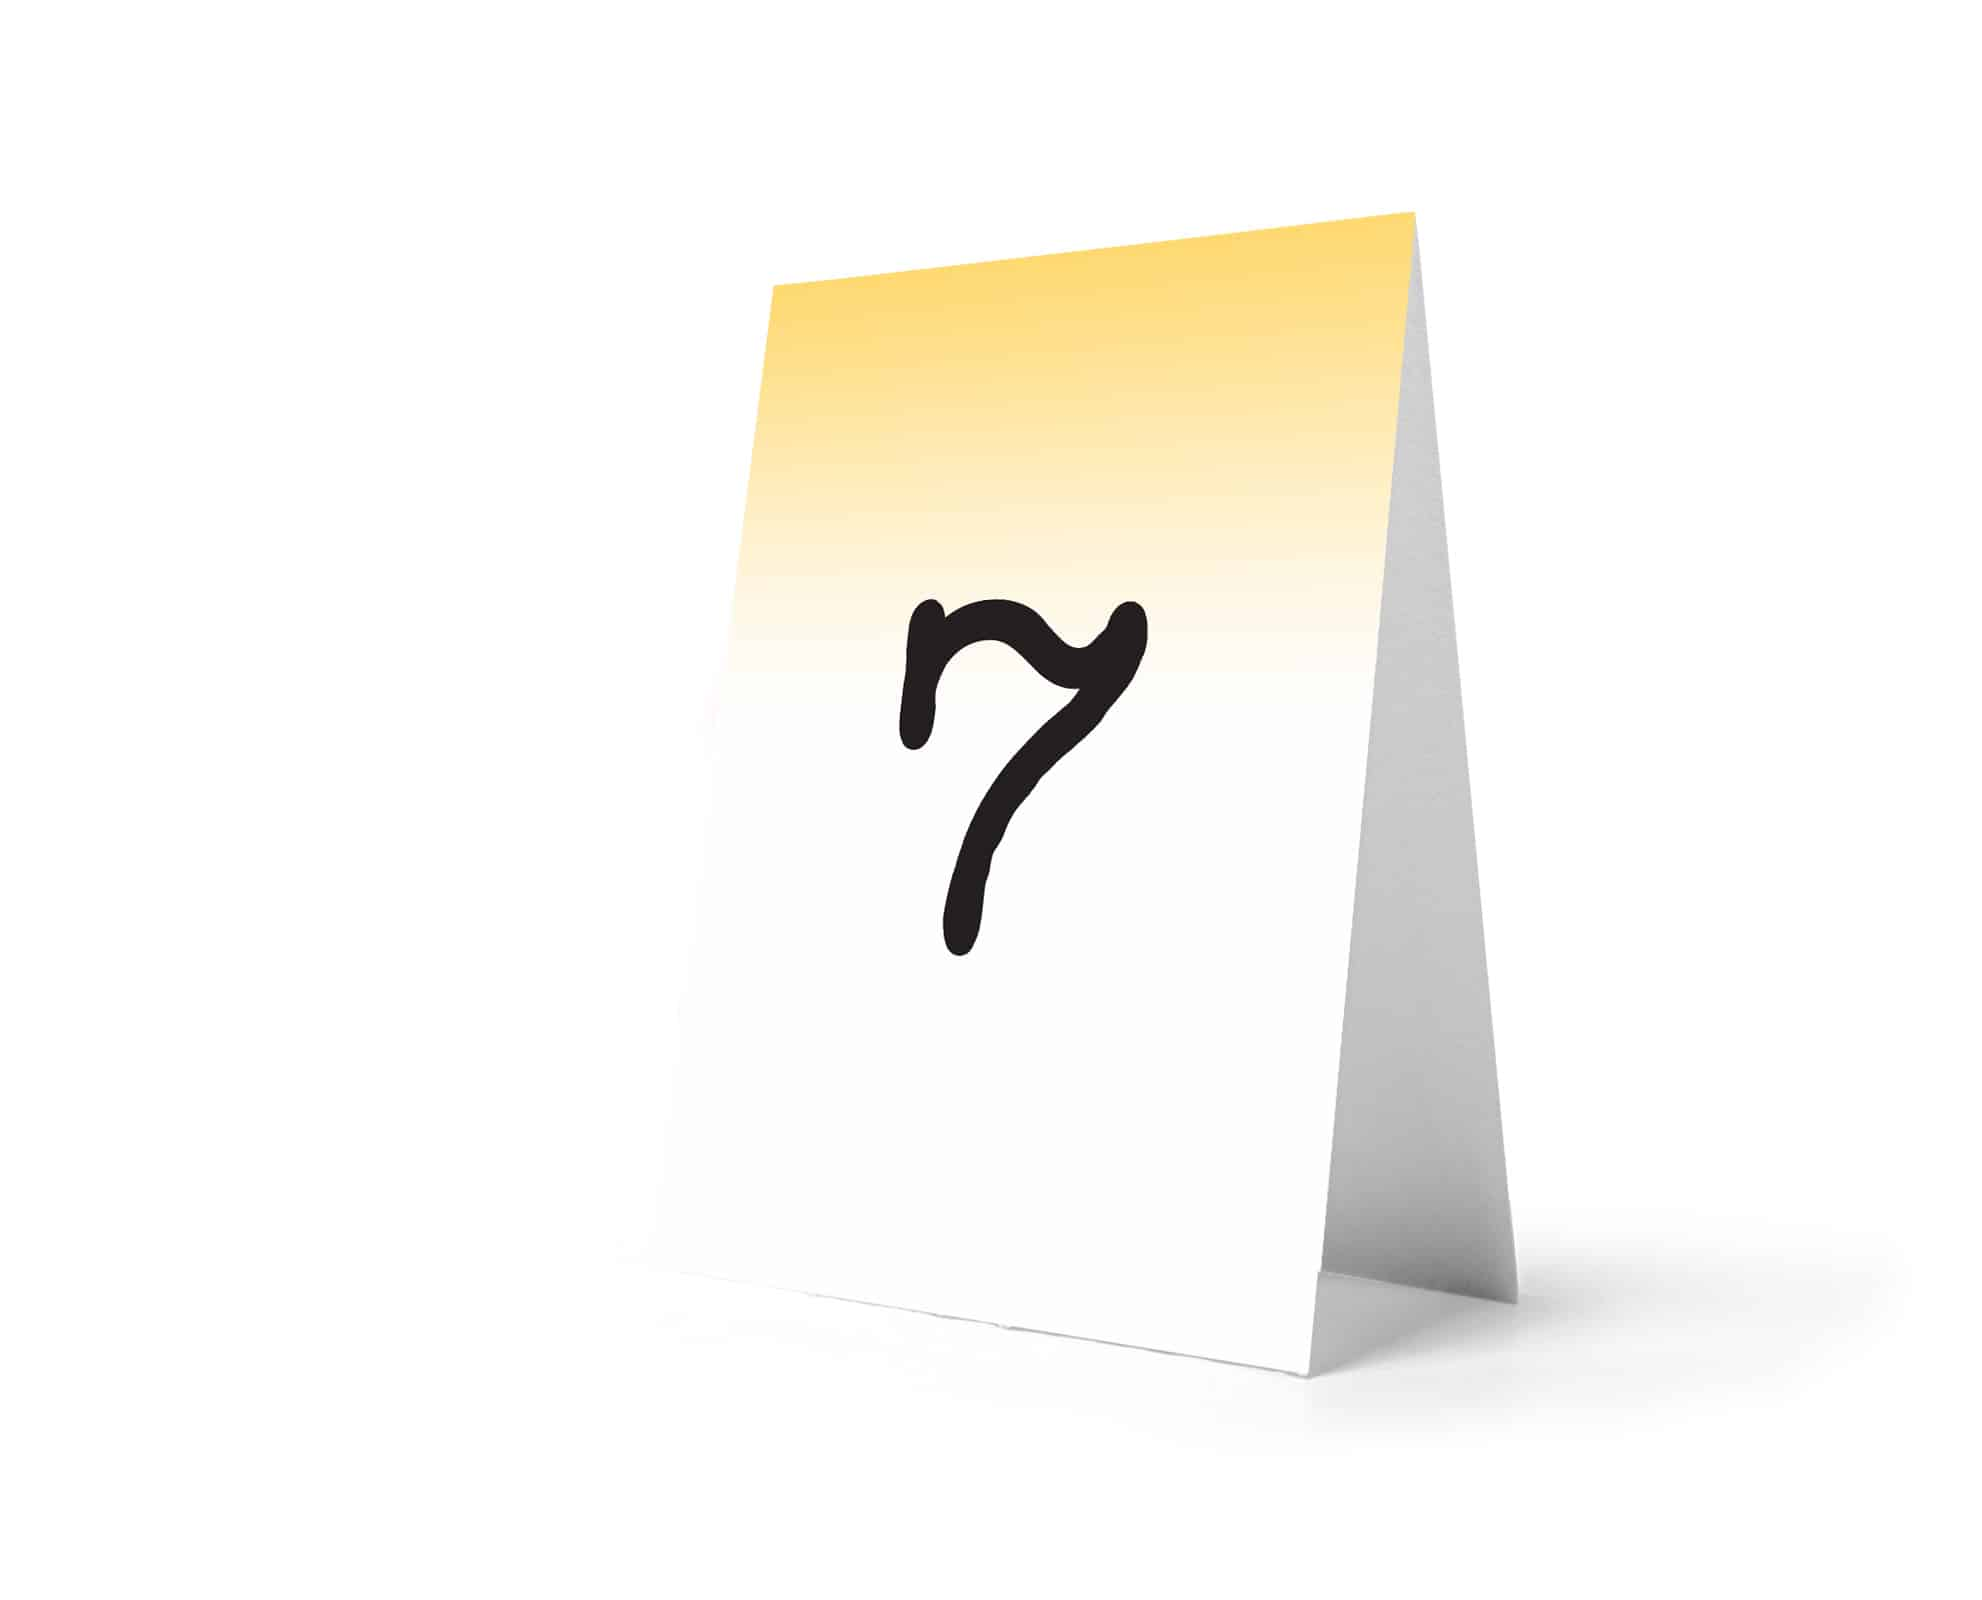 Numery stołów z jasno żółtym tłem i ładną cyfrą